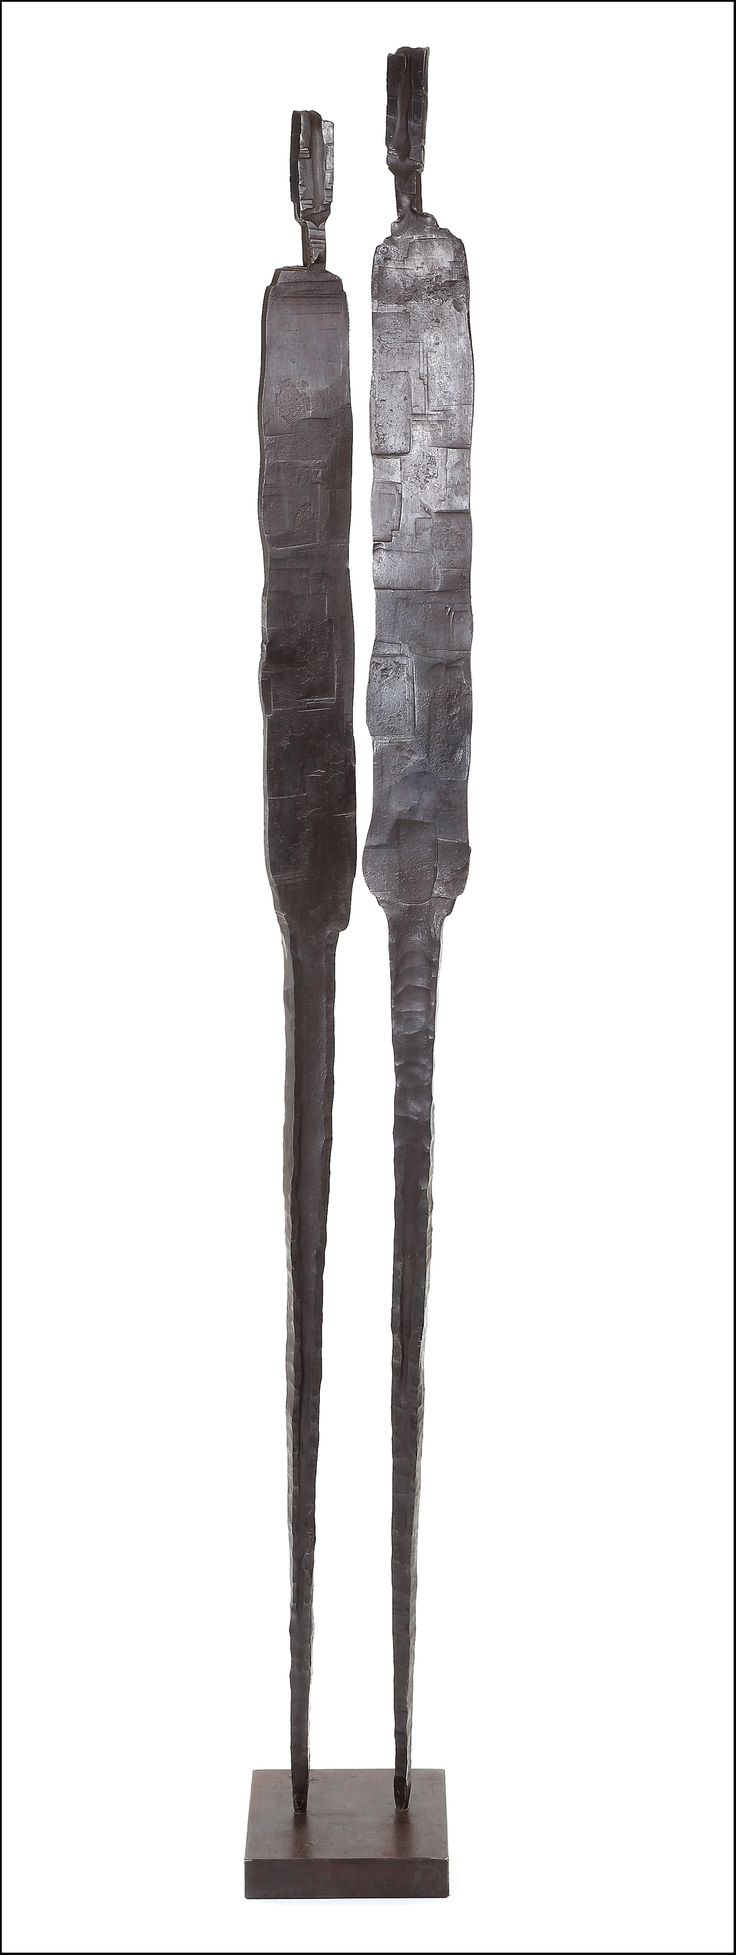 Artiste sculpteur, Maxime Plancque est né en 1958 à Rouen. Il vit aujourd'hui dans la Manche où il p...